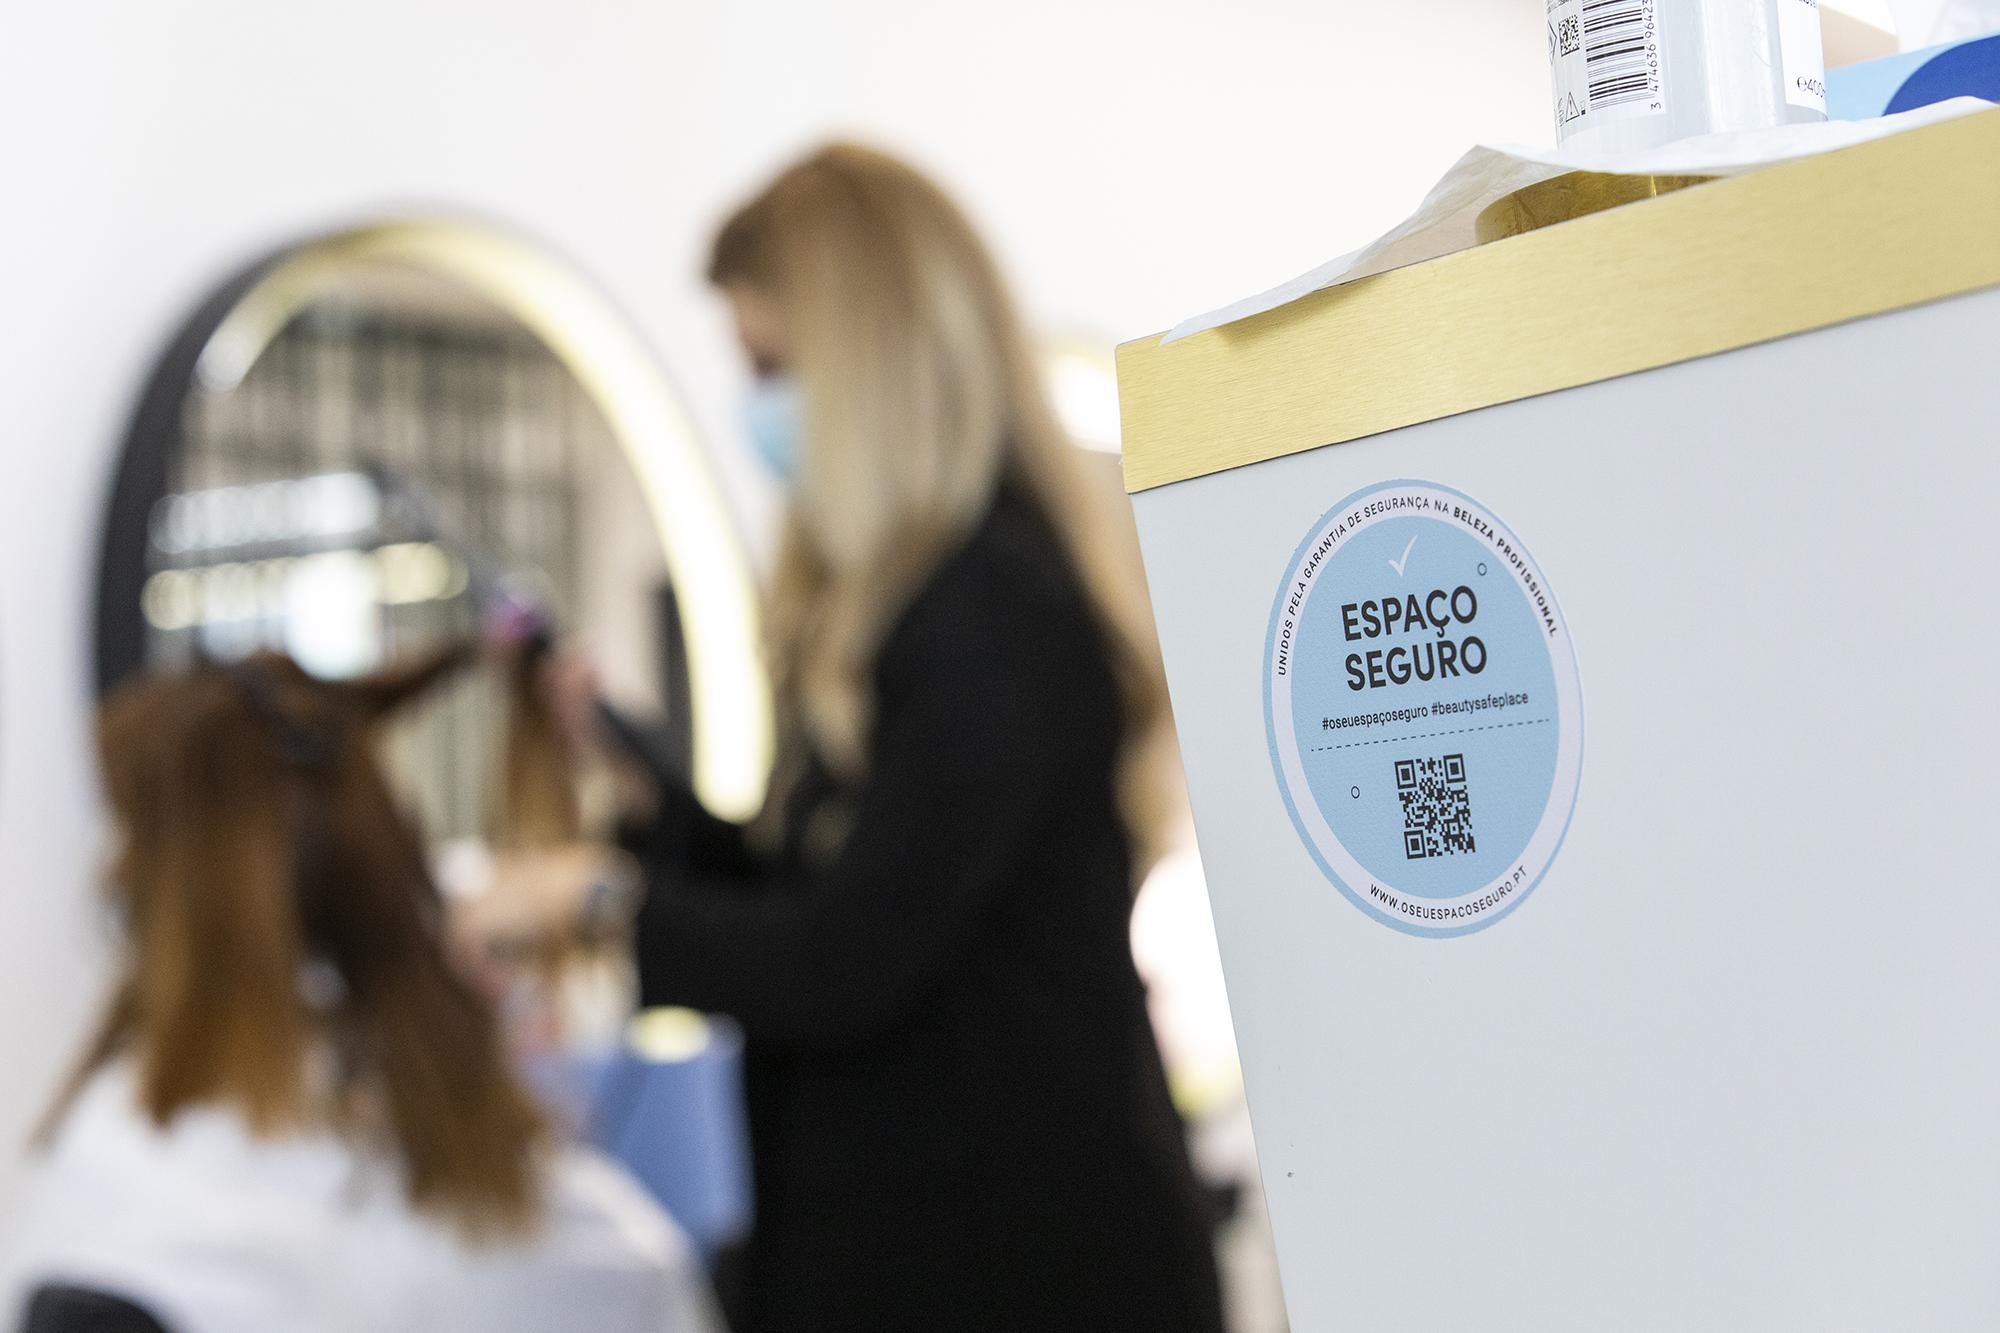 Cabeleireiros, barbeiros e comércio não essencial reabre após confinamento em Lisboa - 15MAR21